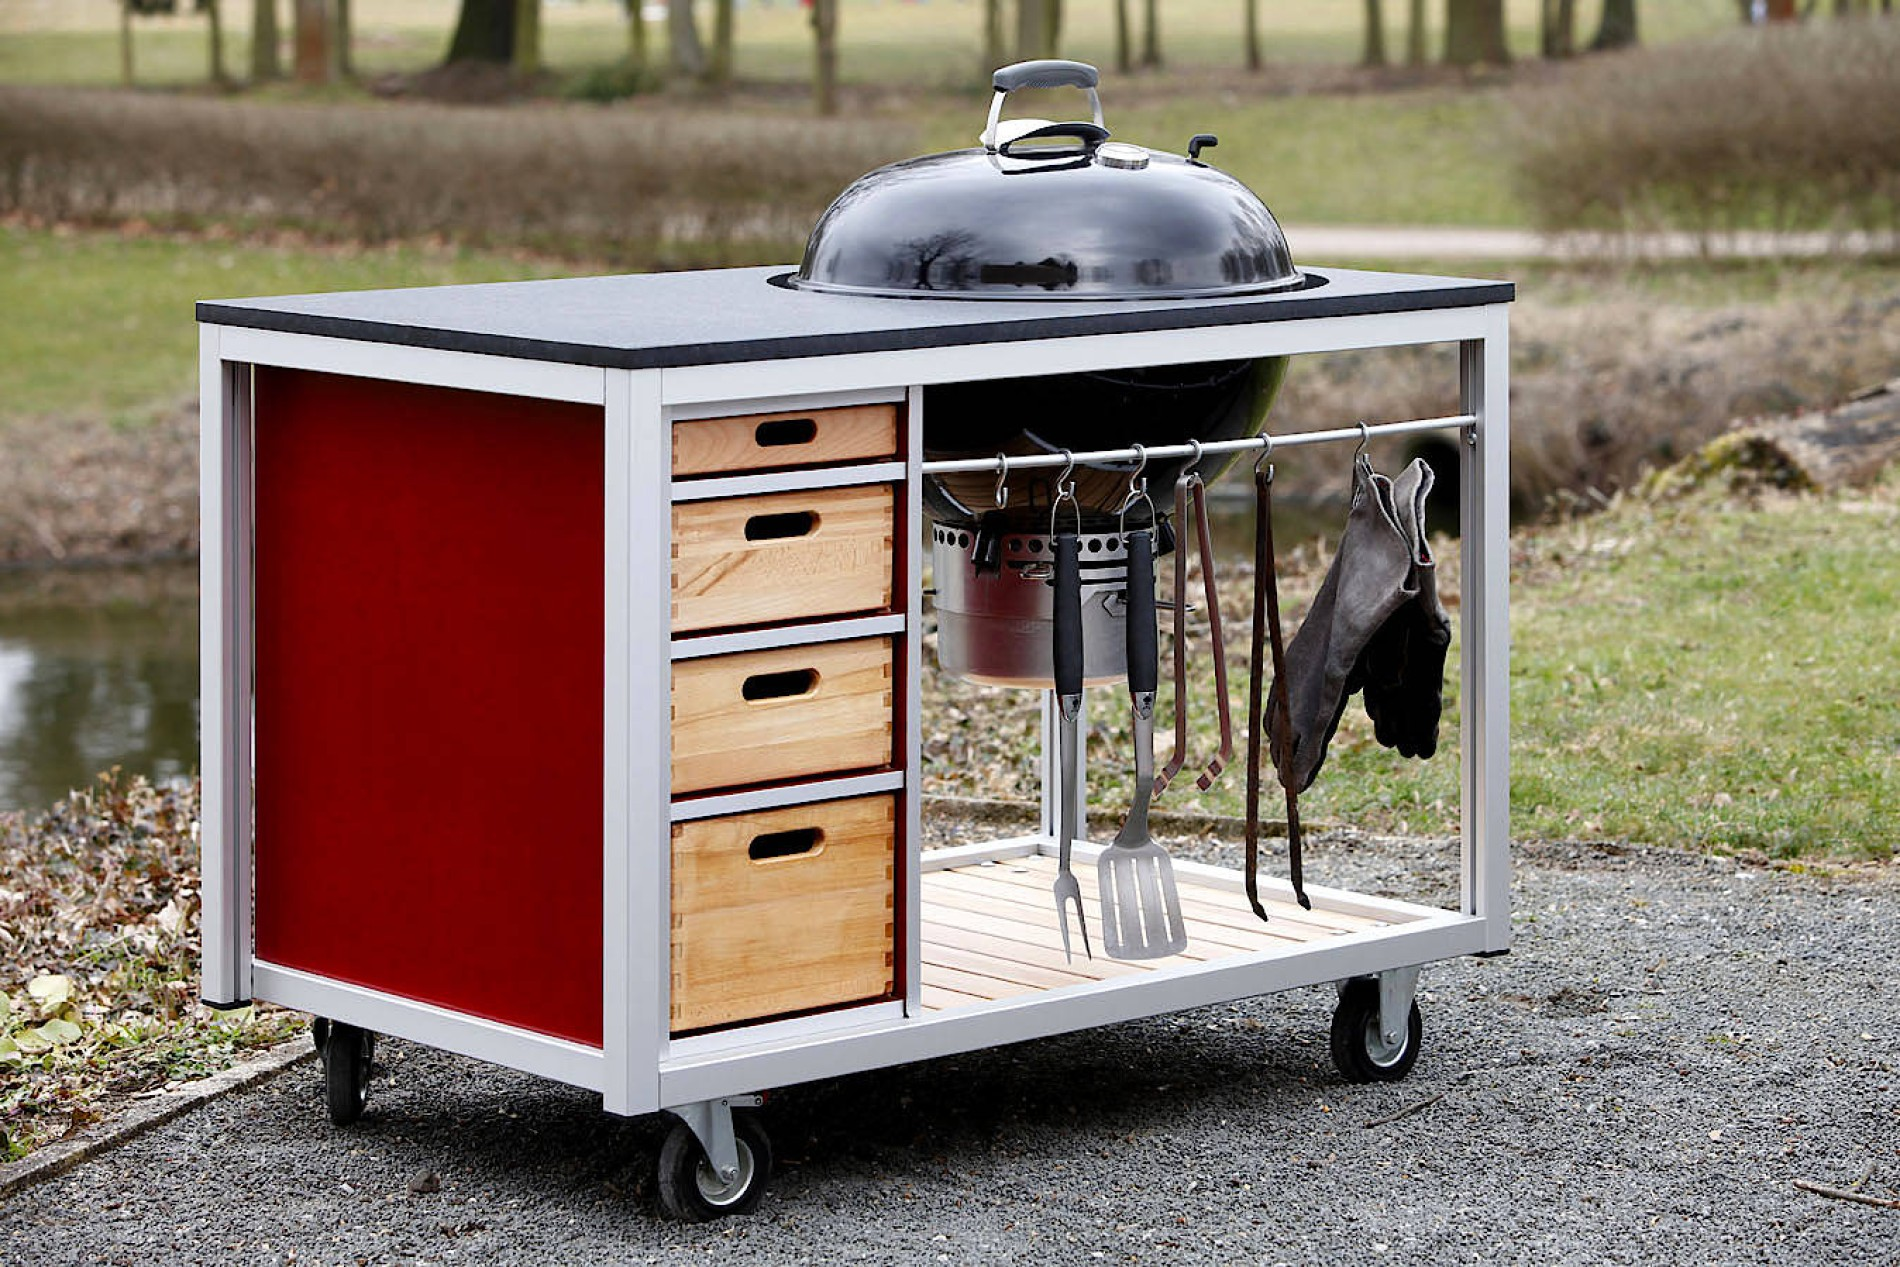 Outdoor Küche Hersteller : Küche hersteller österreich vipp küche scandinavian design house